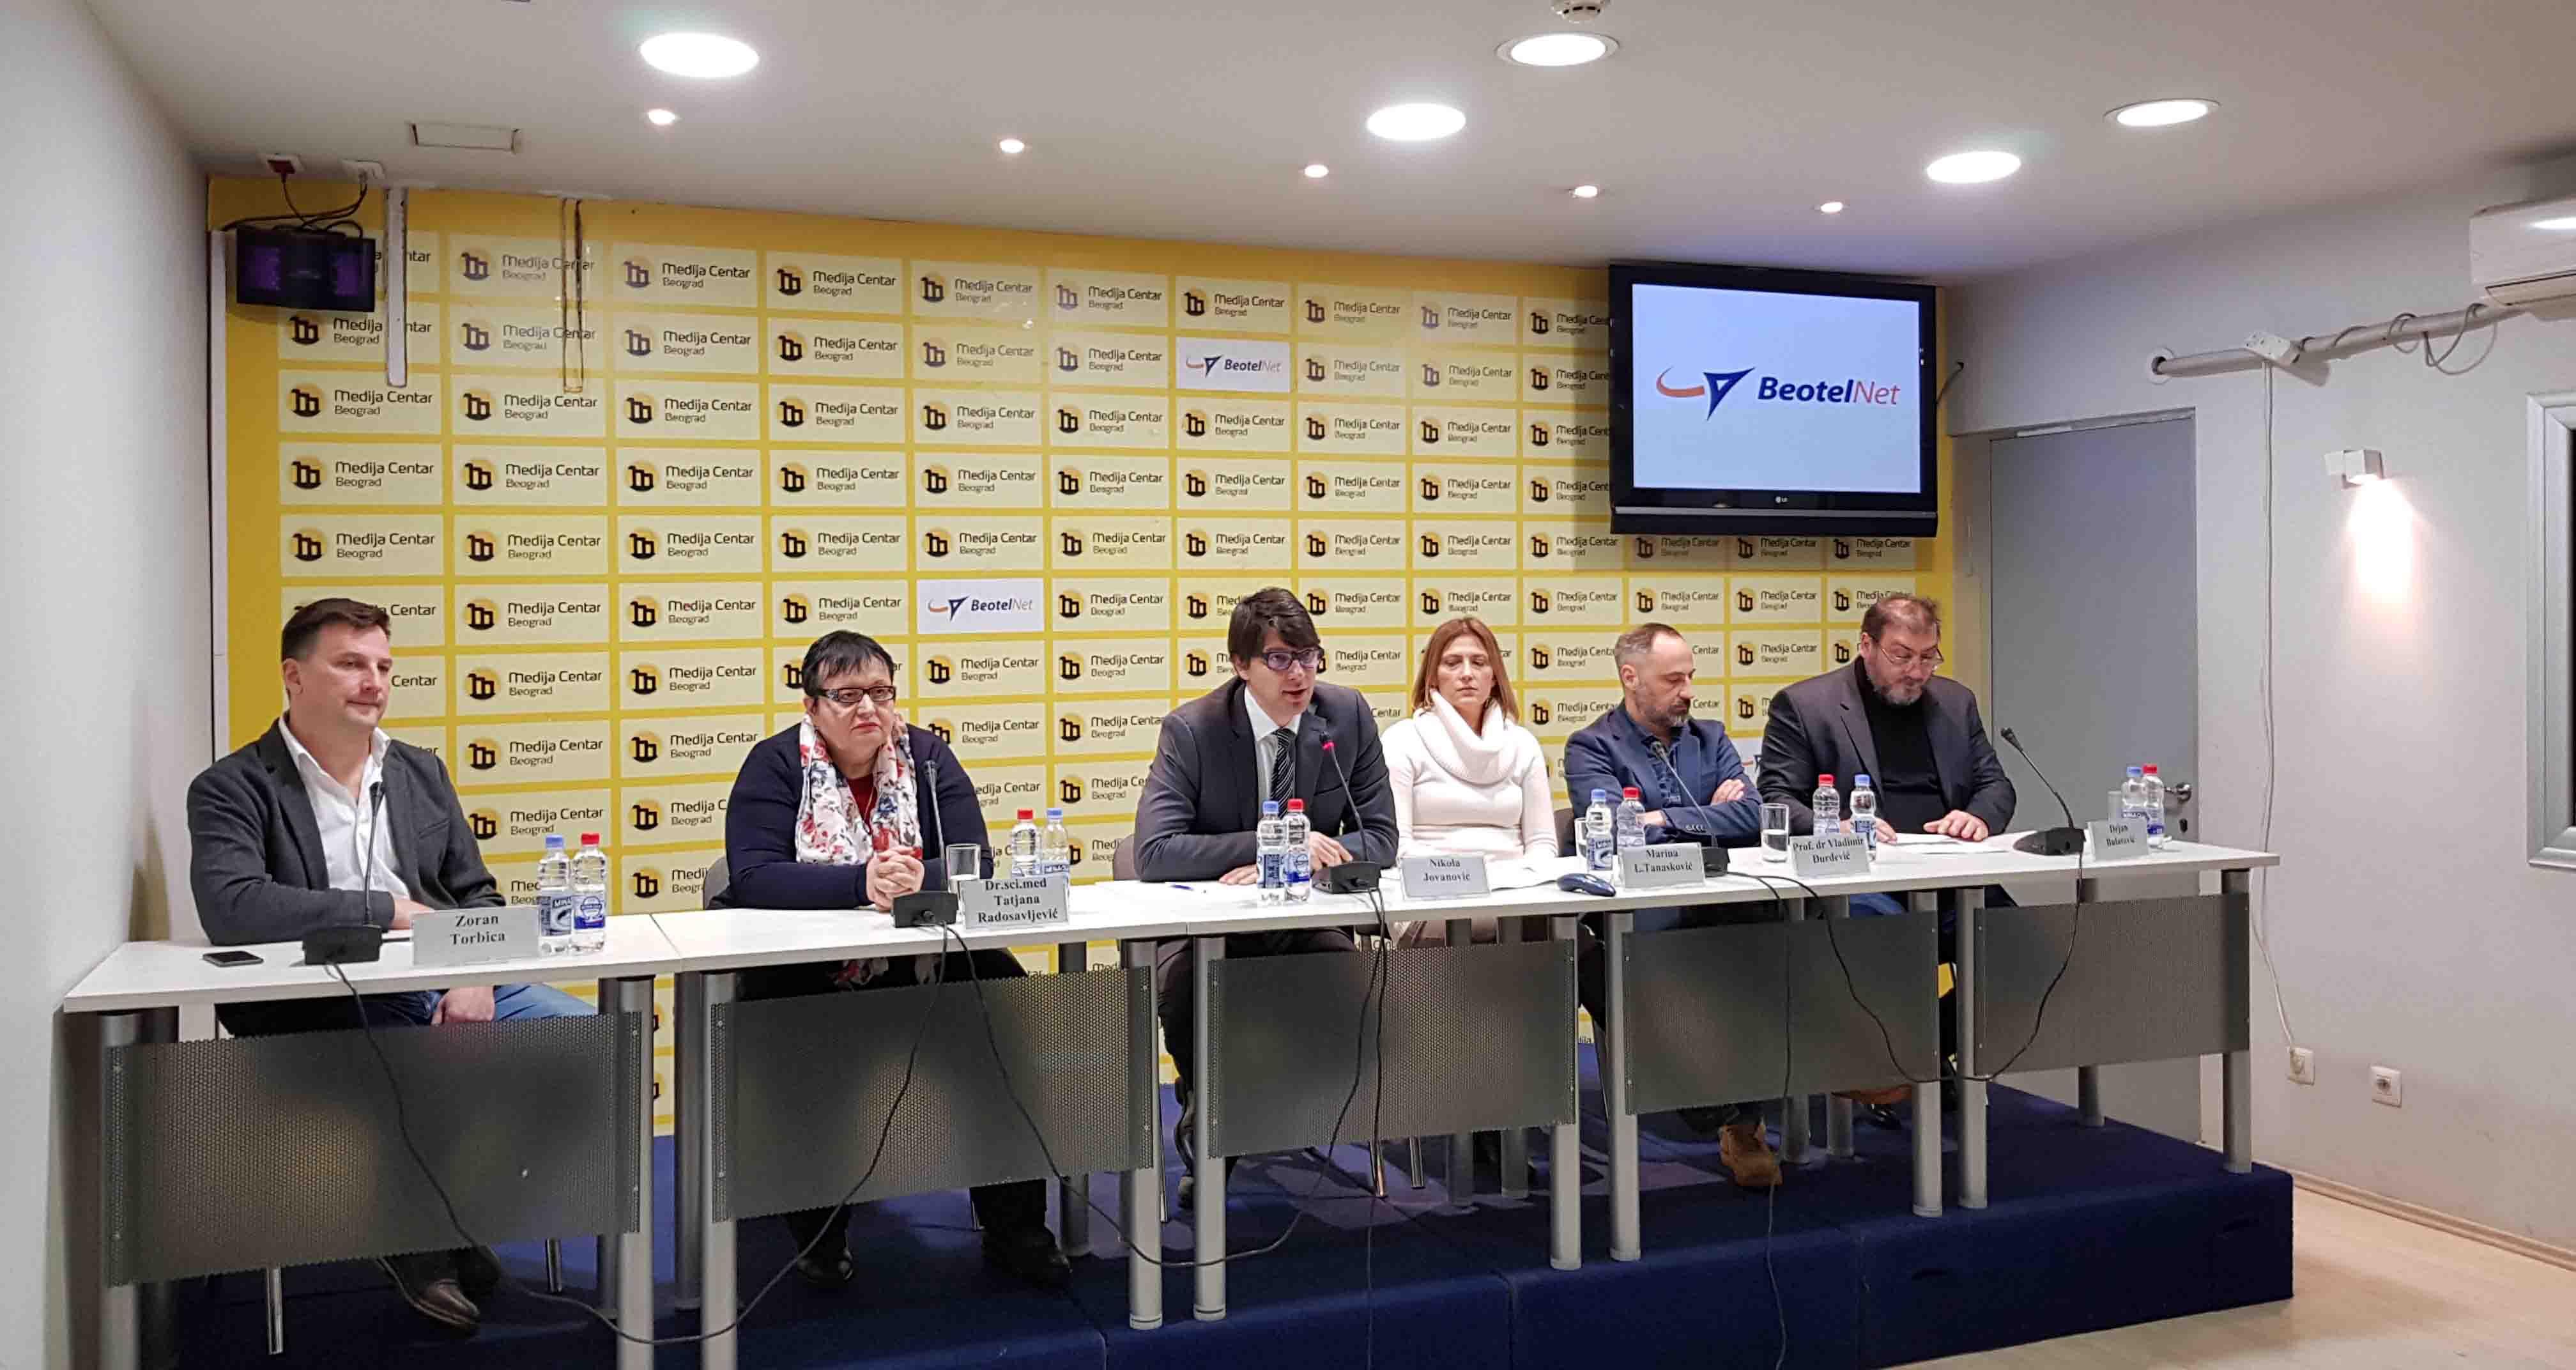 Јовановић предложио низ мера за решавање прекомерног загађења ваздуха